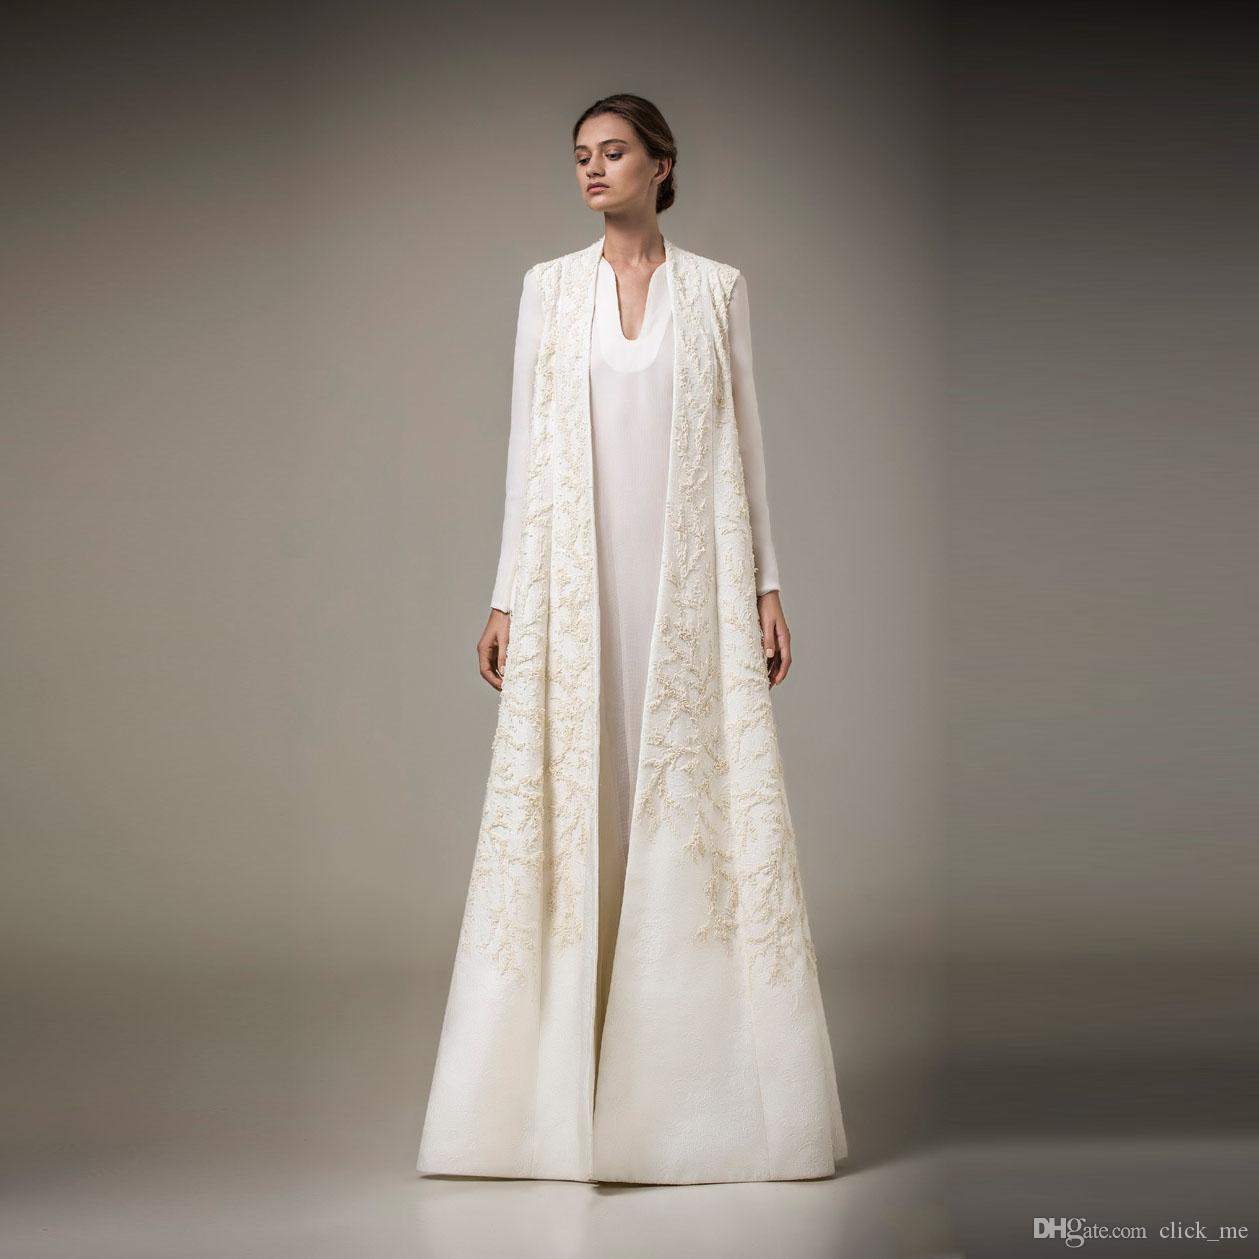 15 Schön Abendkleid Lang Mit Ärmel Ärmel20 Luxurius Abendkleid Lang Mit Ärmel Vertrieb